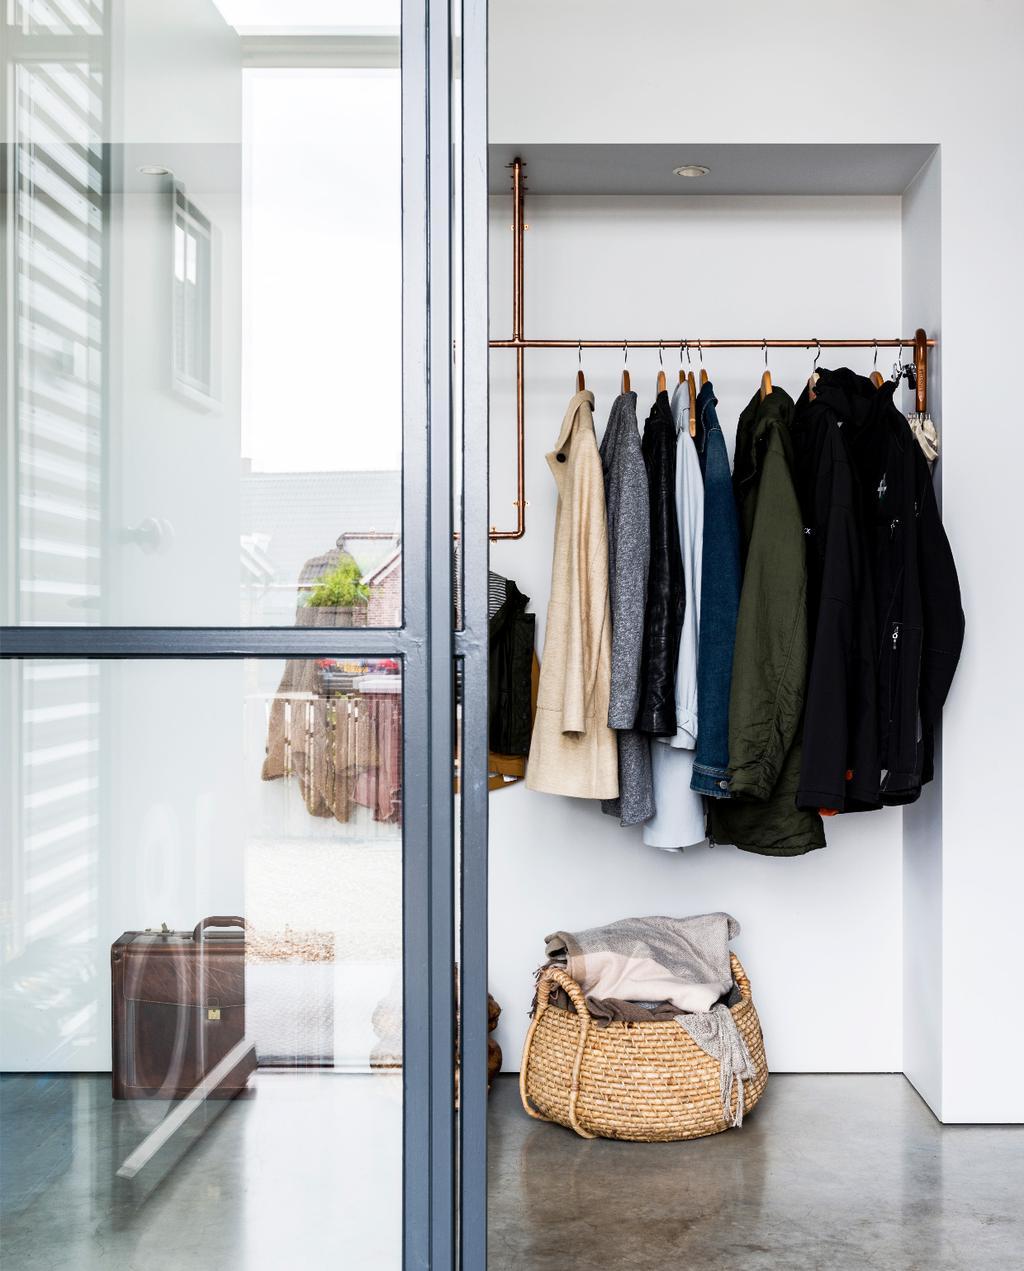 vtwonen binnenkijken weert | modern nieuwbouwhuis deuren van glas en metaal met koperen kapstok